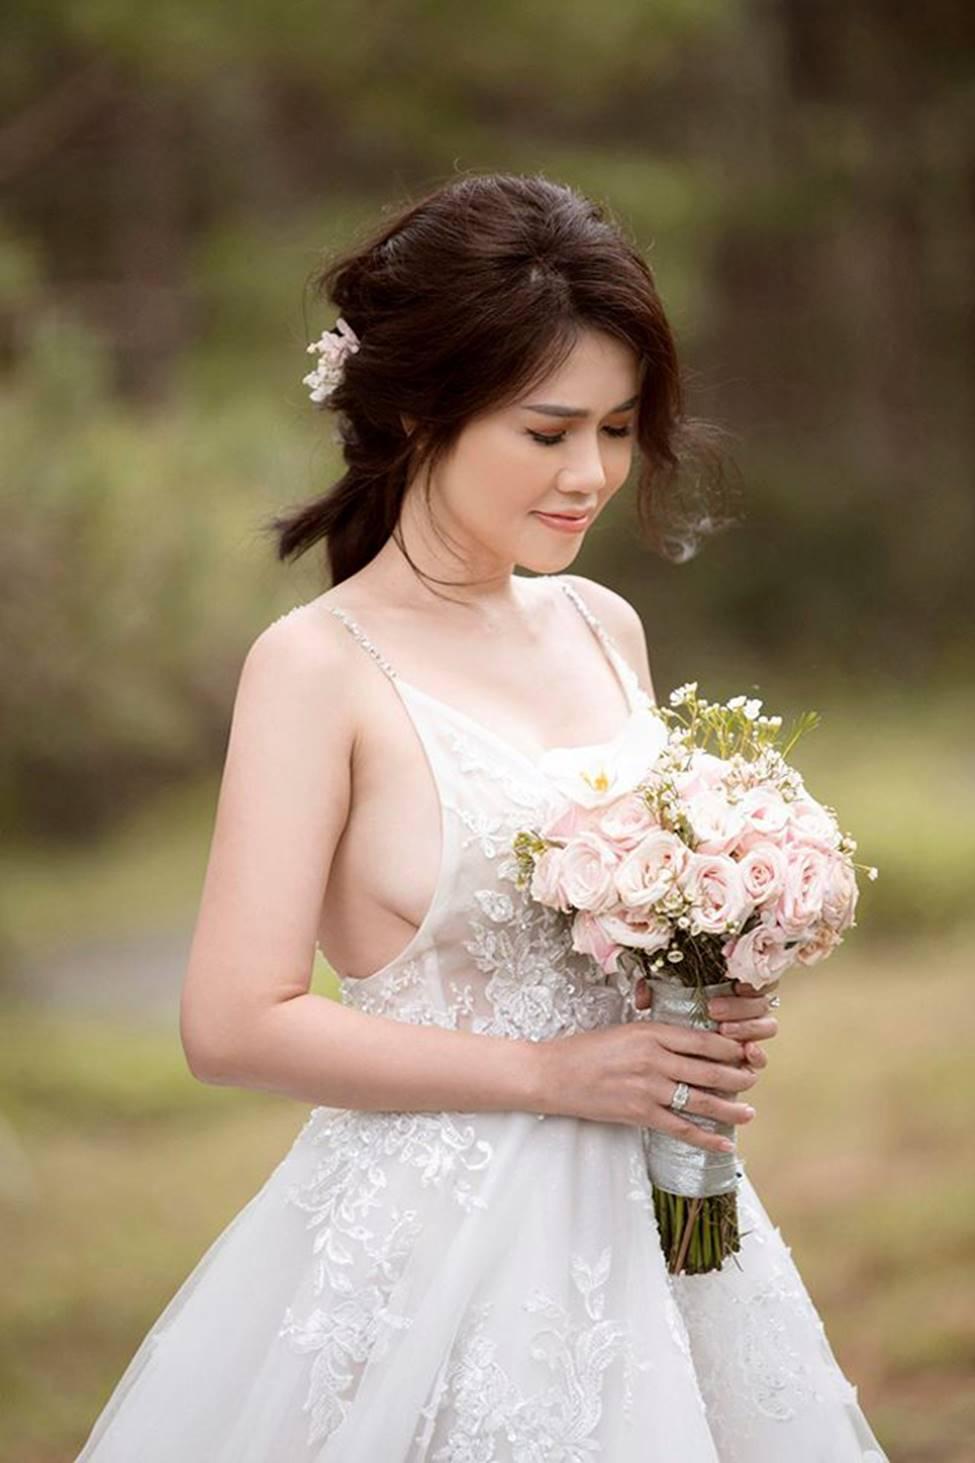 Chị gái diện váy cưới quá nóng bỏng, nữ hoàng nội y cũng phải ghen tỵ-4